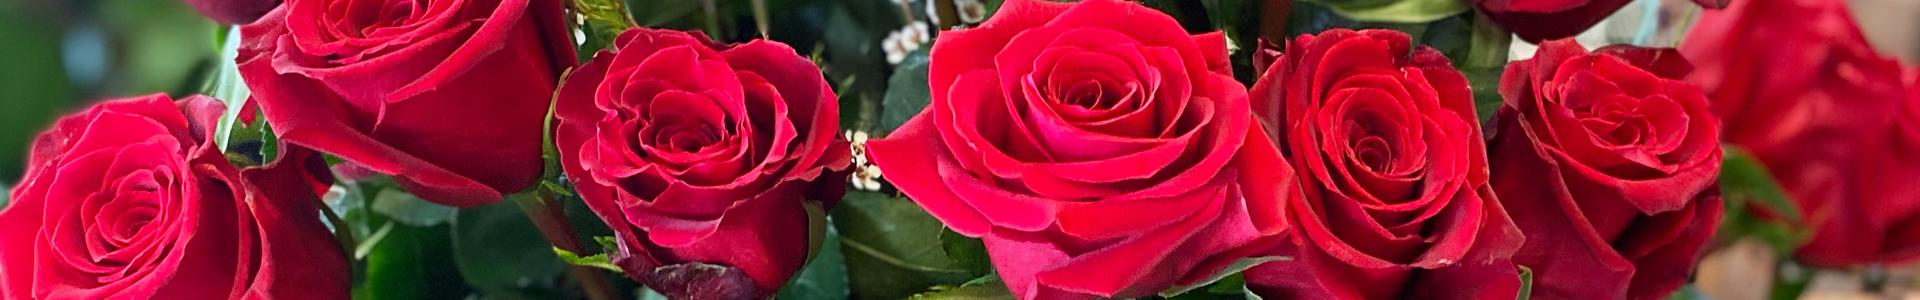 Roses Header